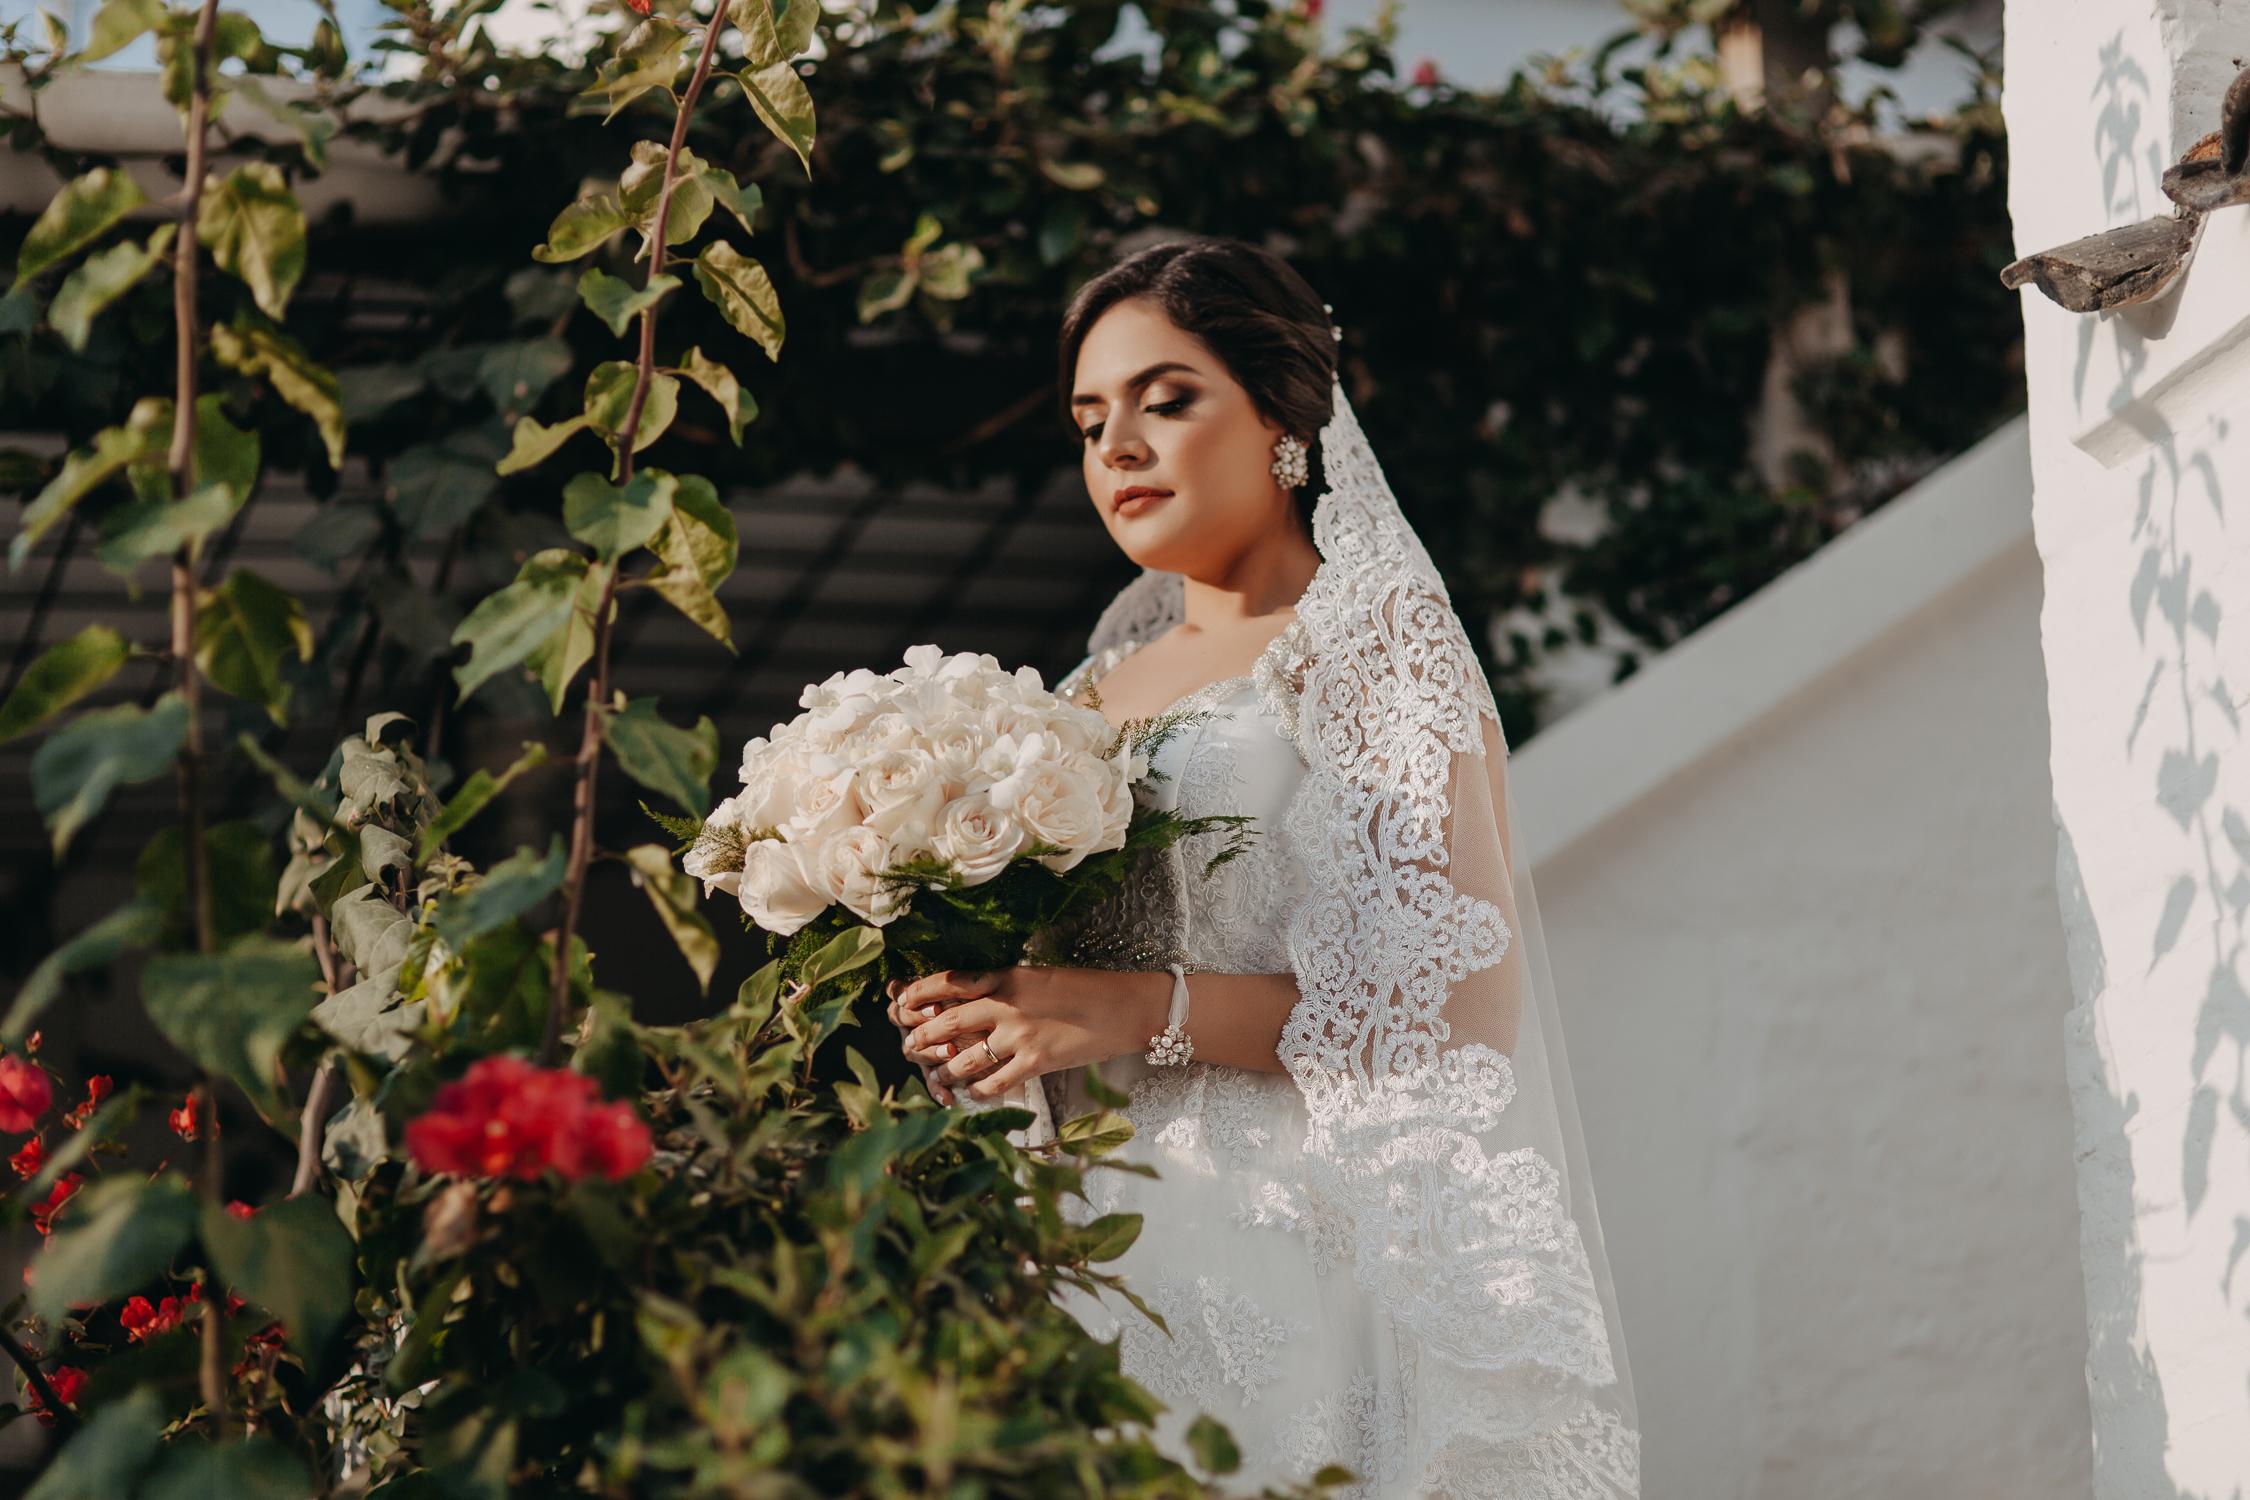 Michelle-Agurto-Fotografia-Bodas-Ecuador-Destination-Wedding-Photographer-Cristi-Luis-74.JPG